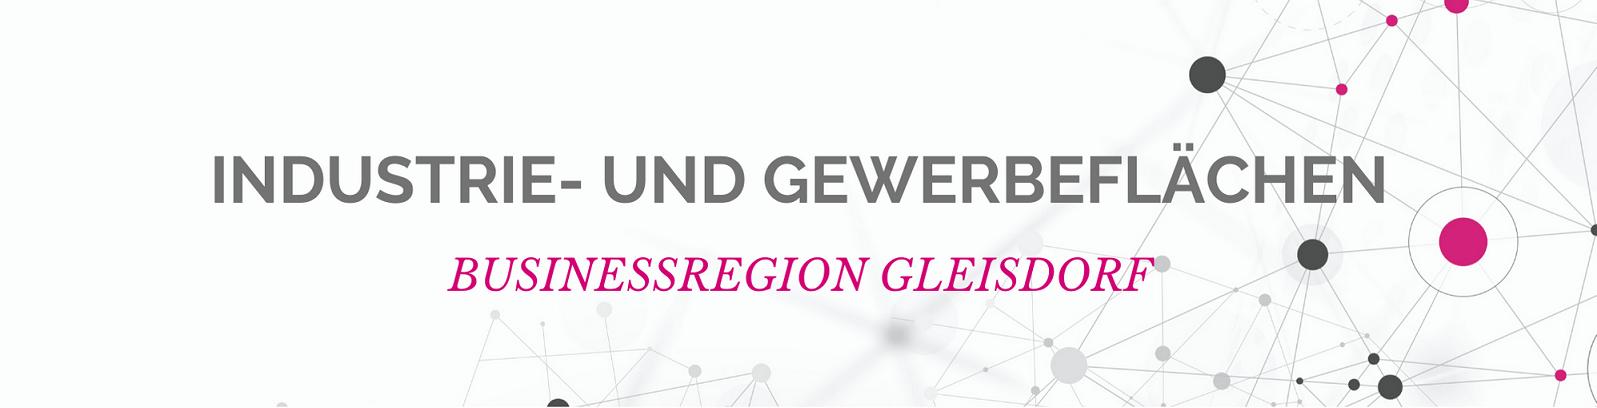 Banner Businessregion Gleisdorf